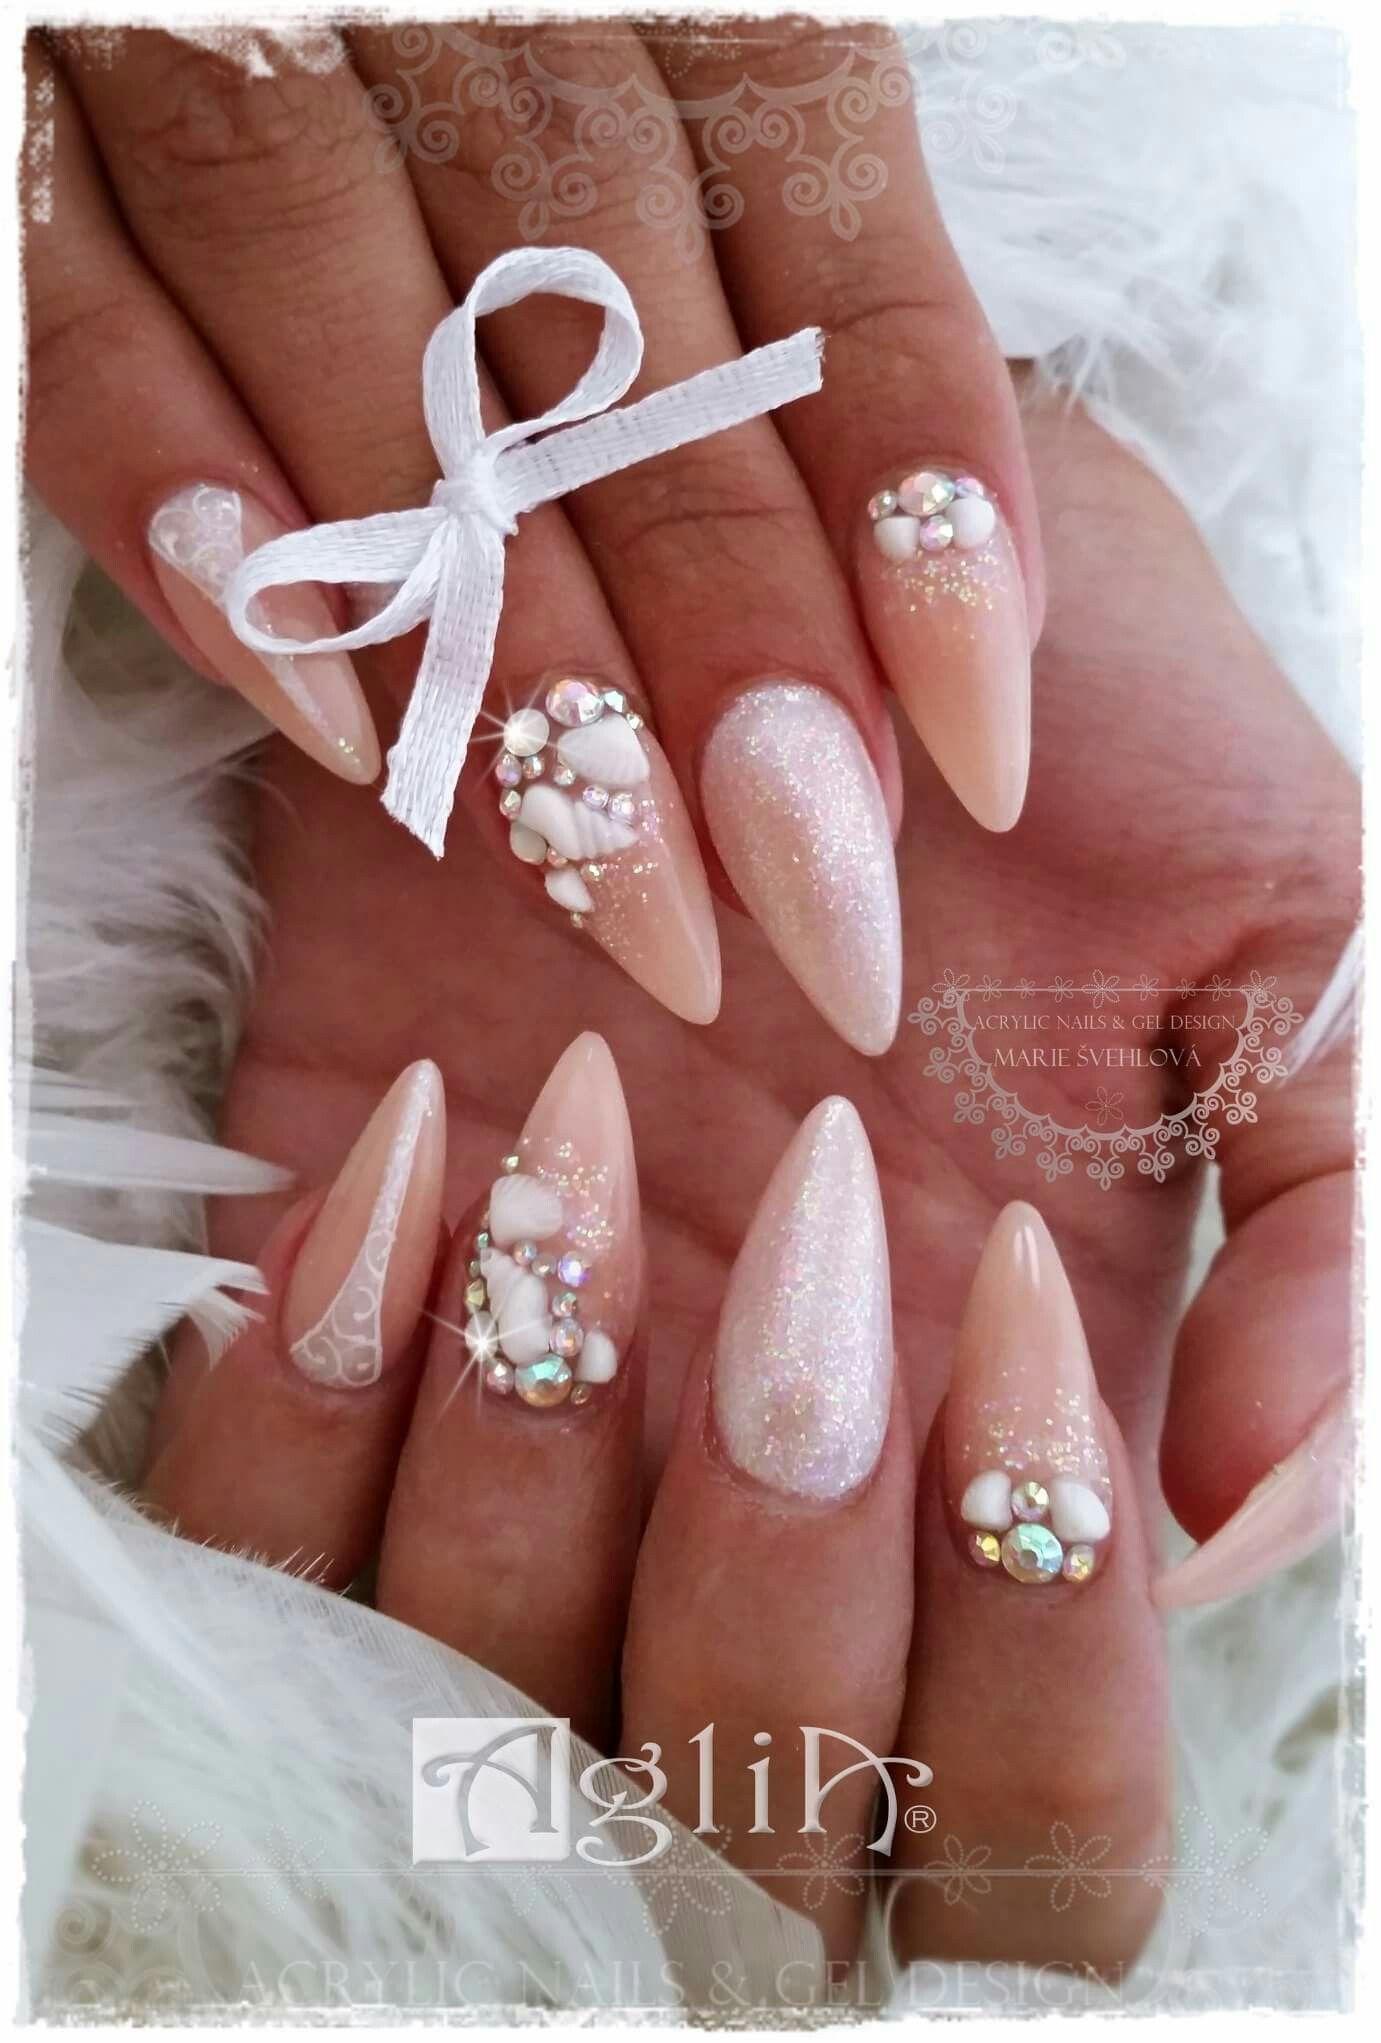 Acrylic Nails Gel Design Shell Nails Wedding Nails